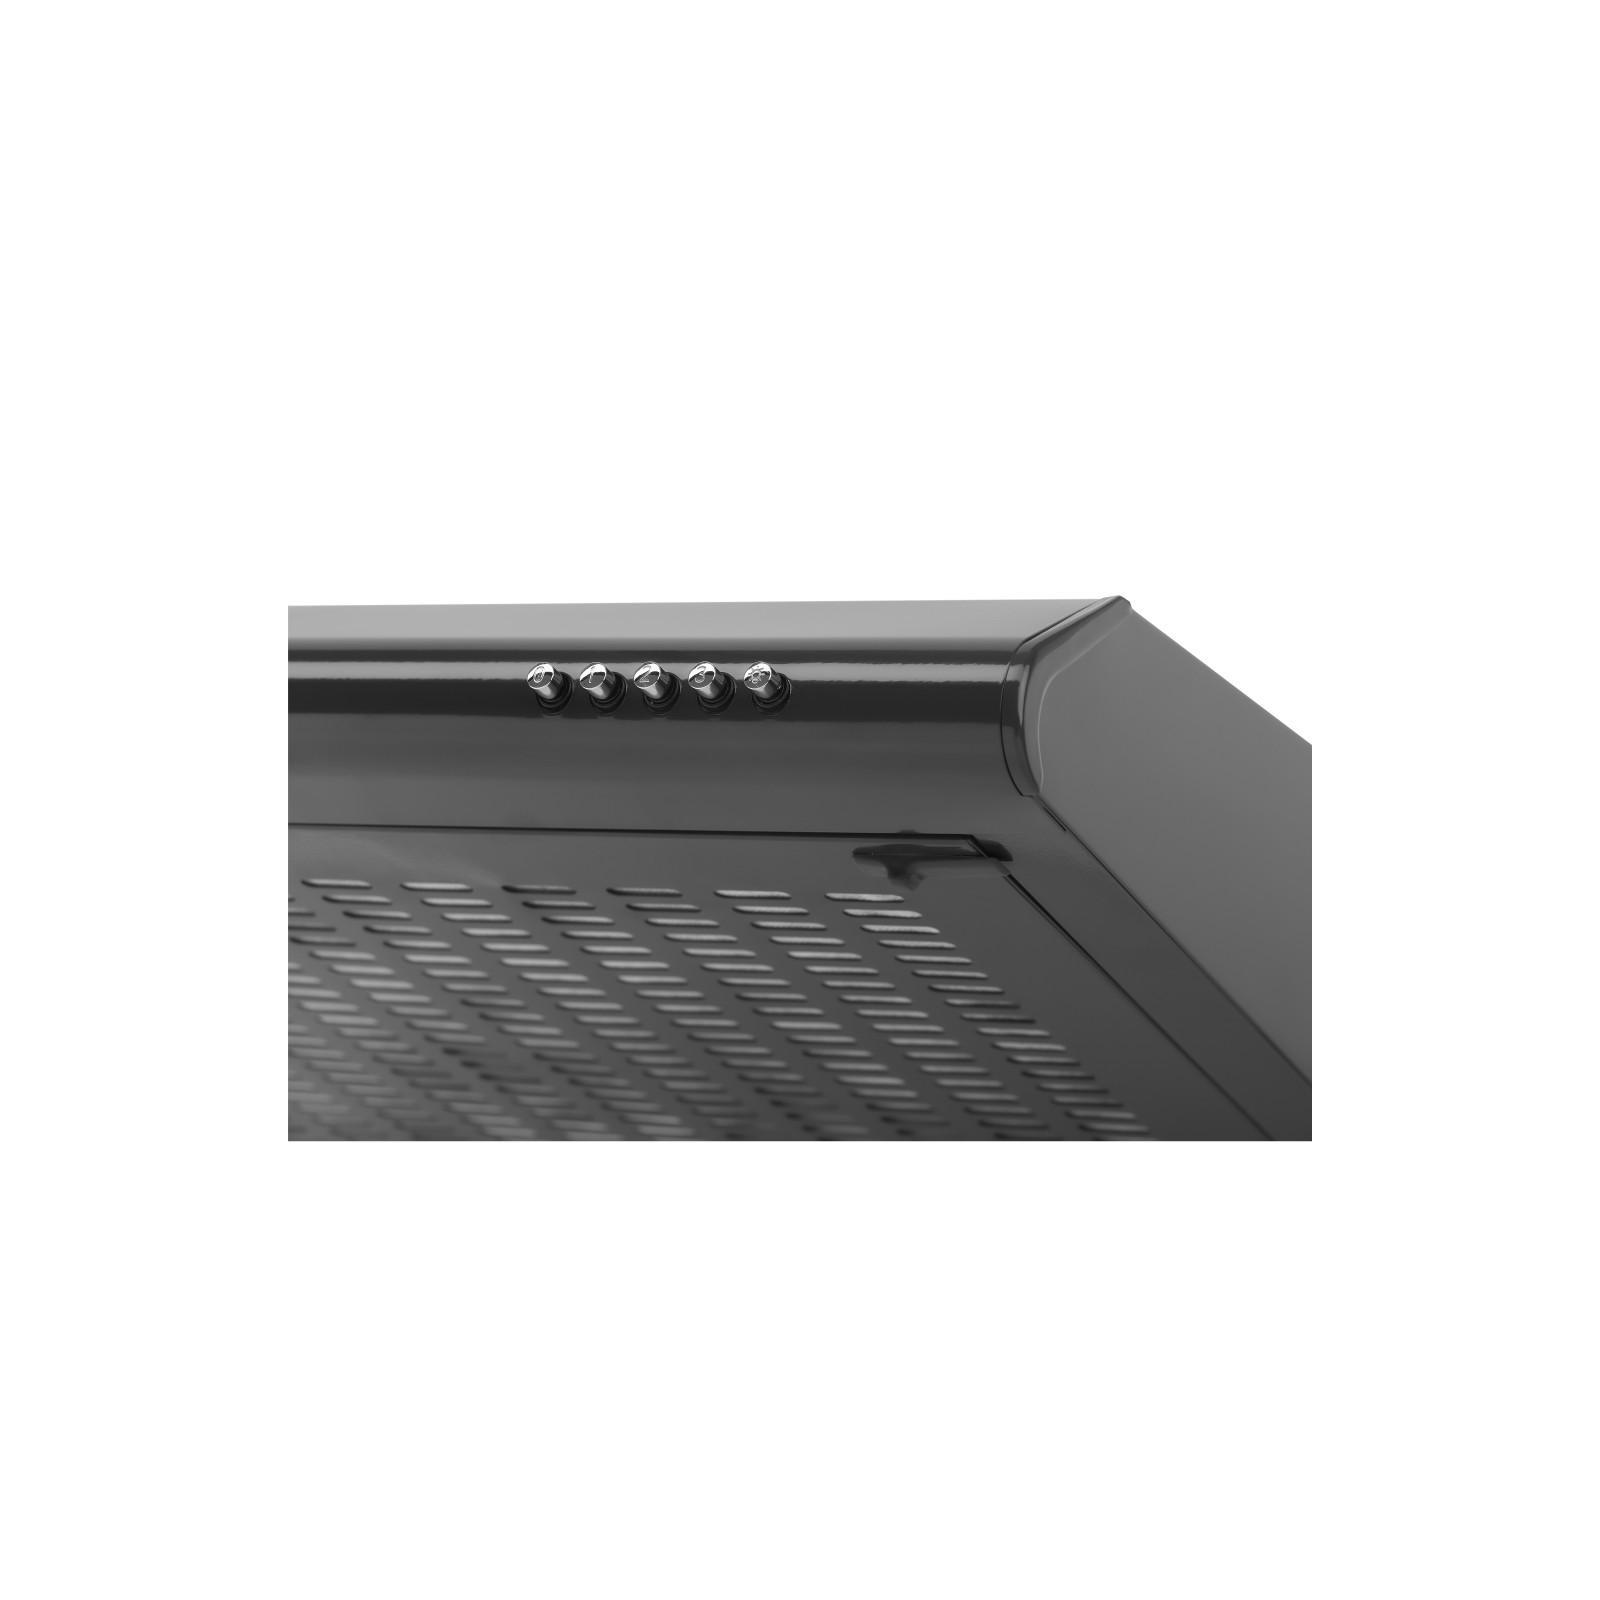 Вытяжка кухонная ELEYUS Vizor 60 BL Черный изображение 6